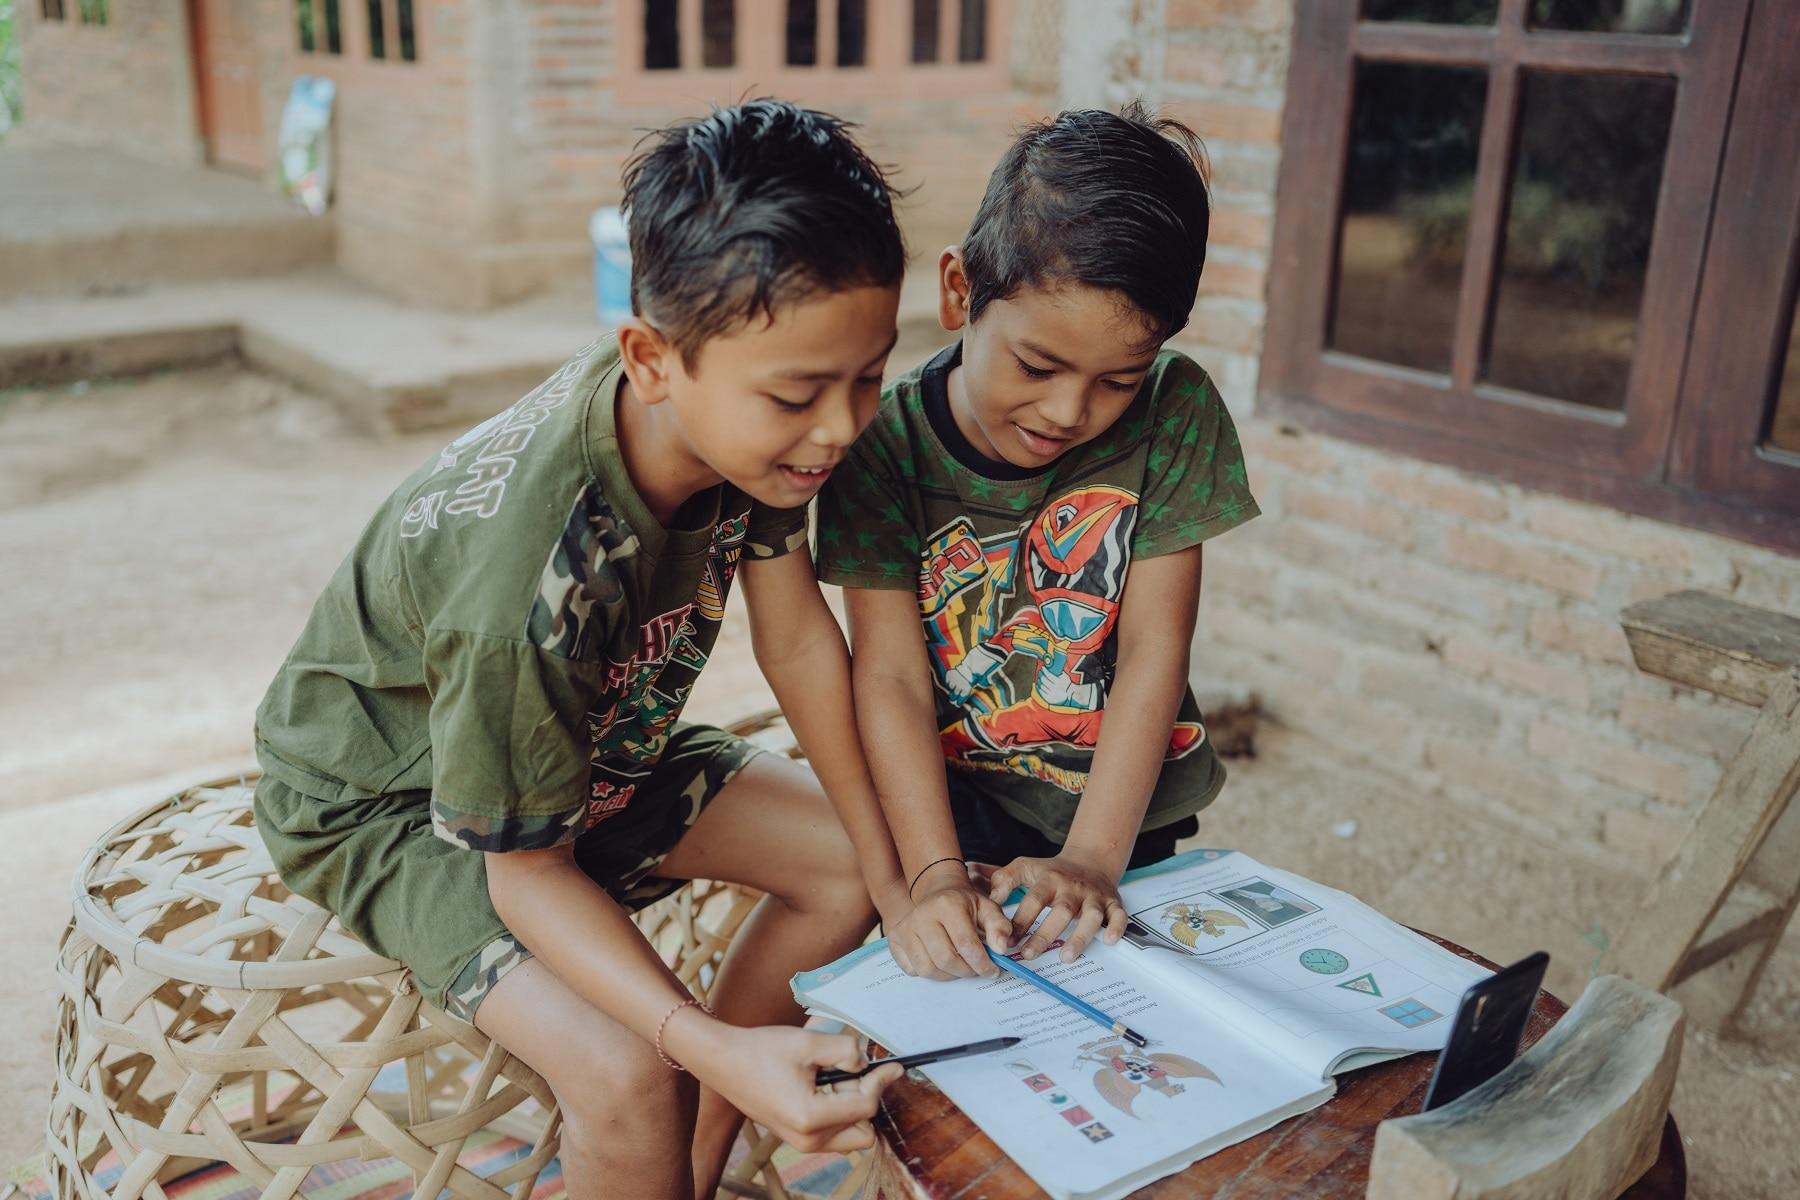 Anak-anak kelas satu dan dua di Bali tidak pernah sekolah.